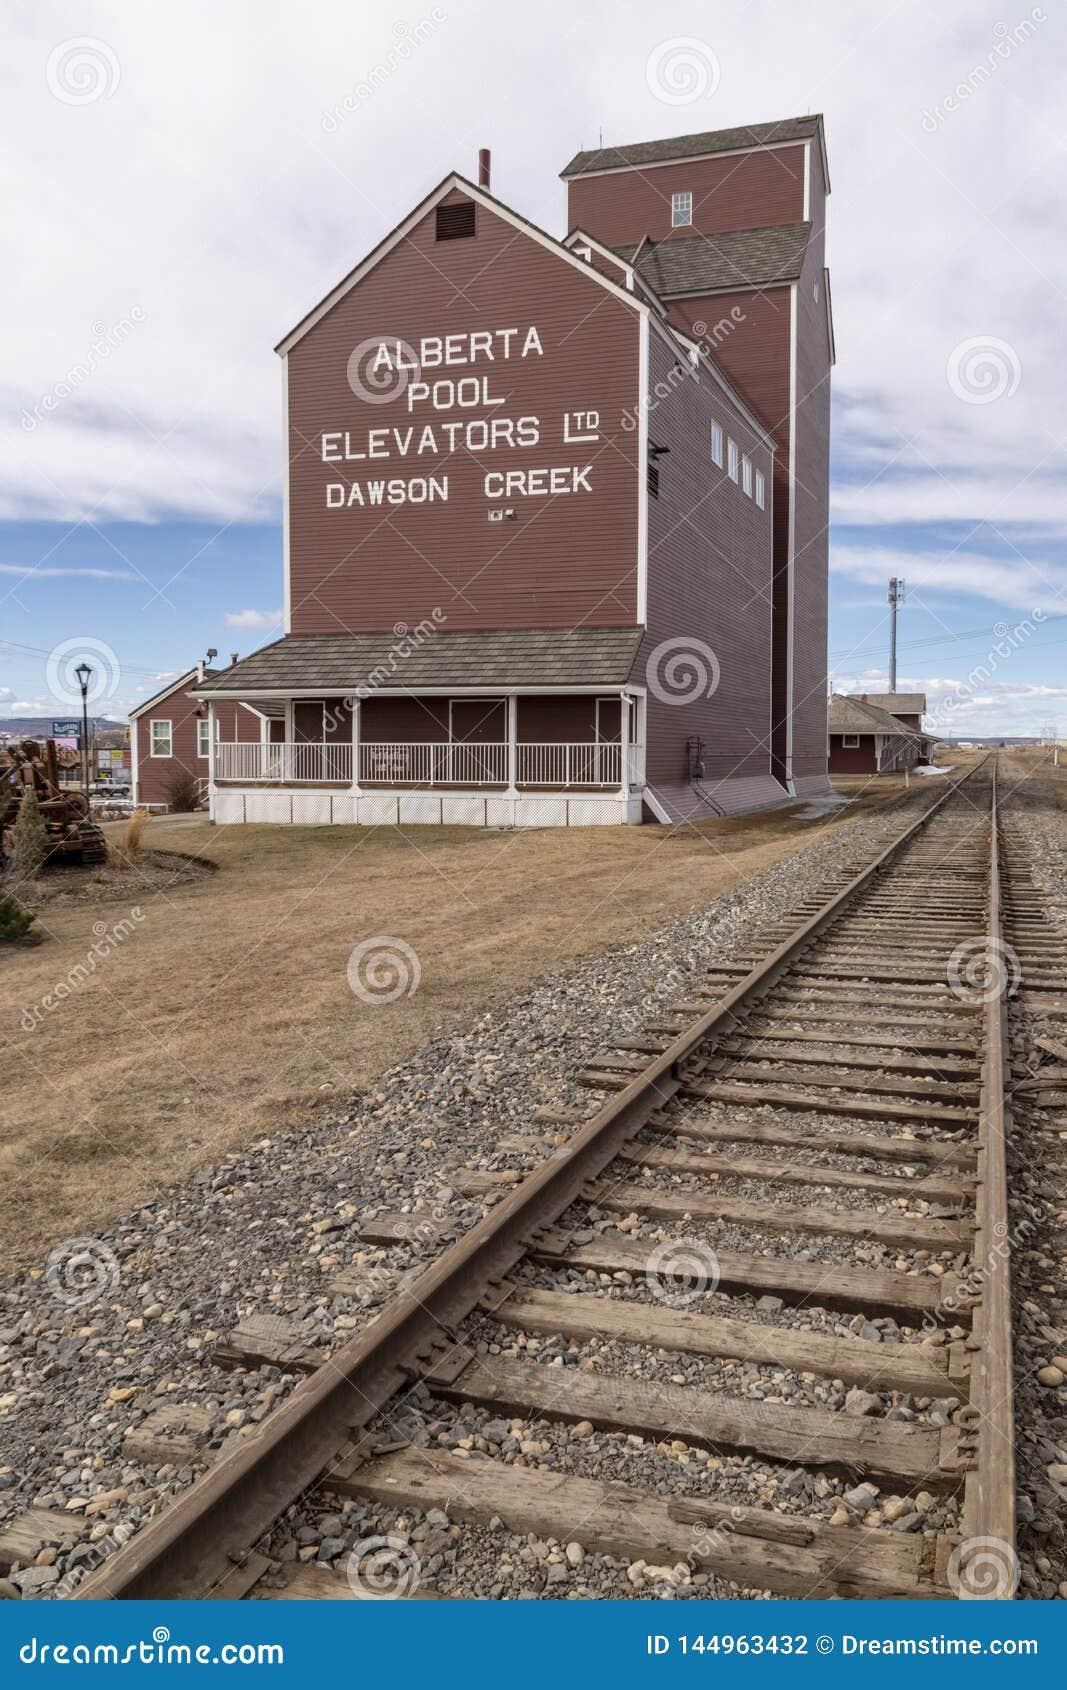 在铁路旁边的一个谷物仓库